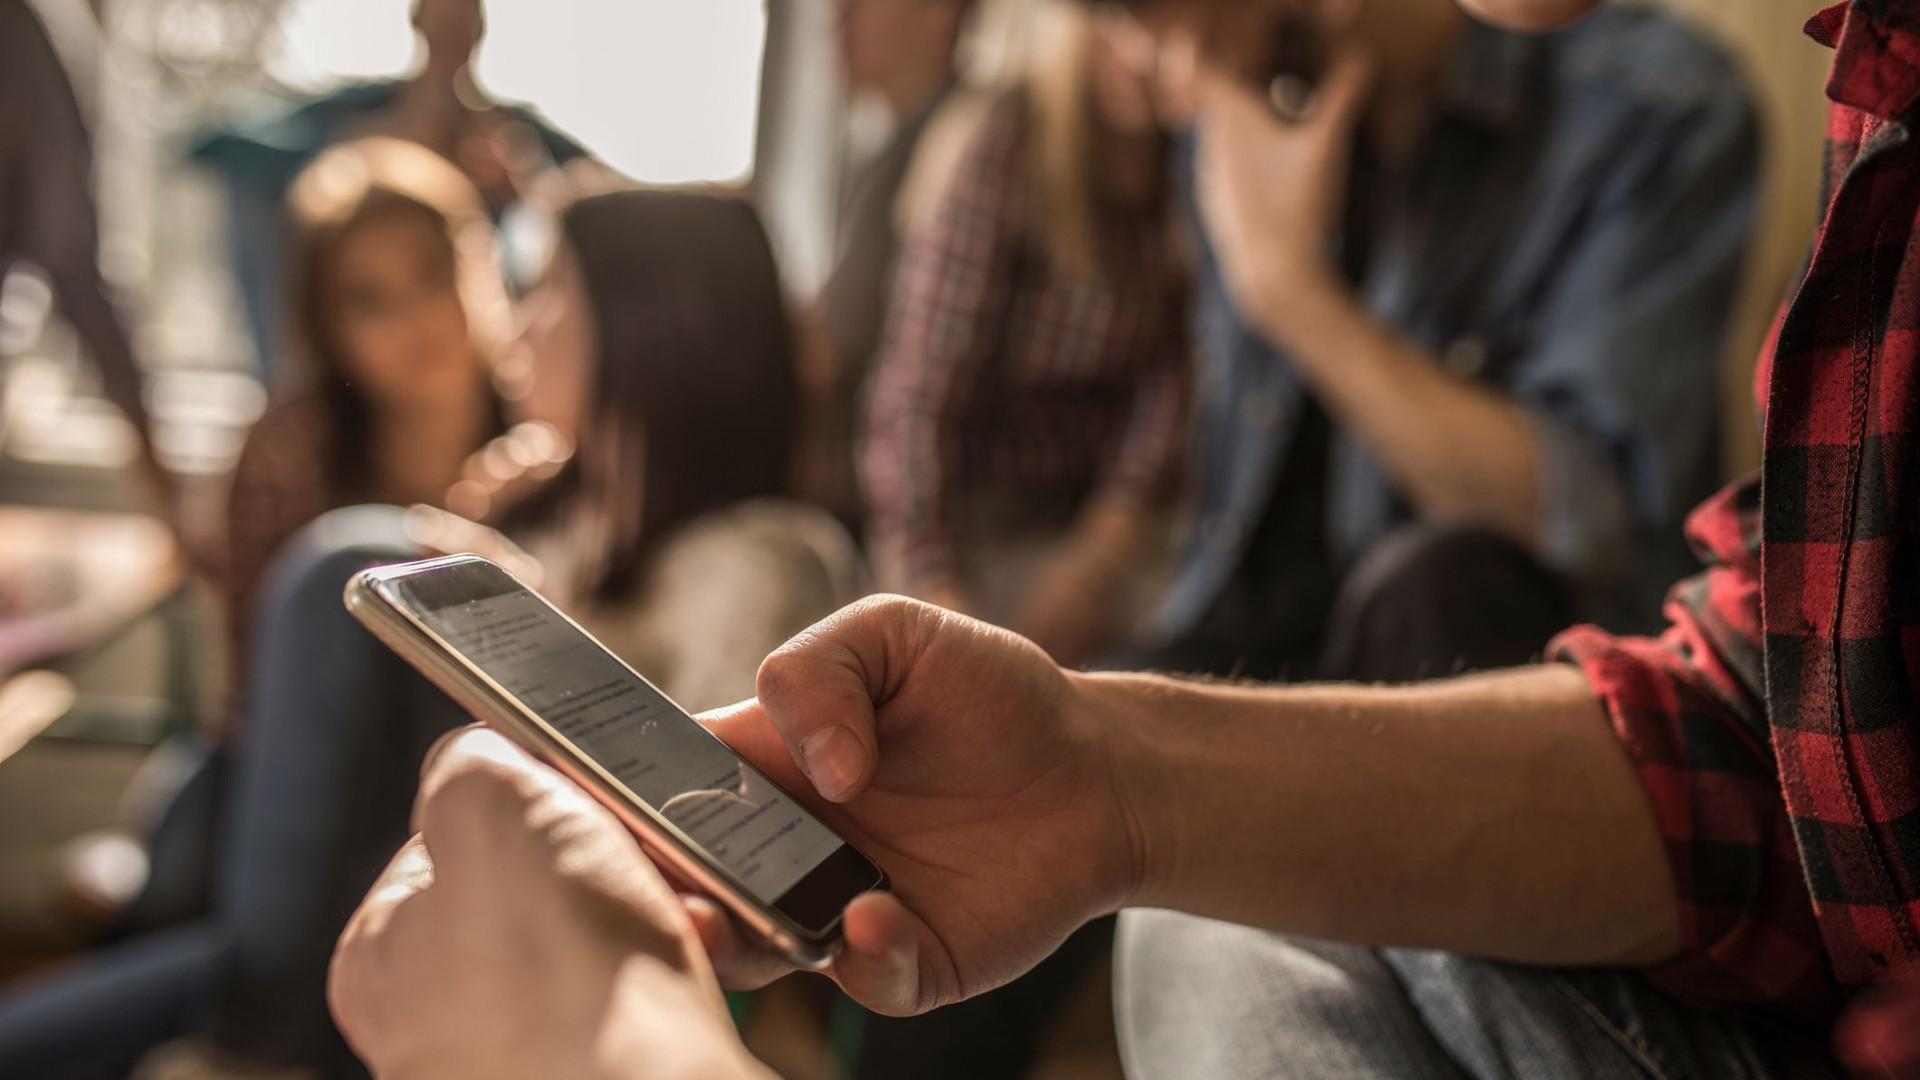 Redes sociais 'são cocaína comportamental', dizem ex-especialistas